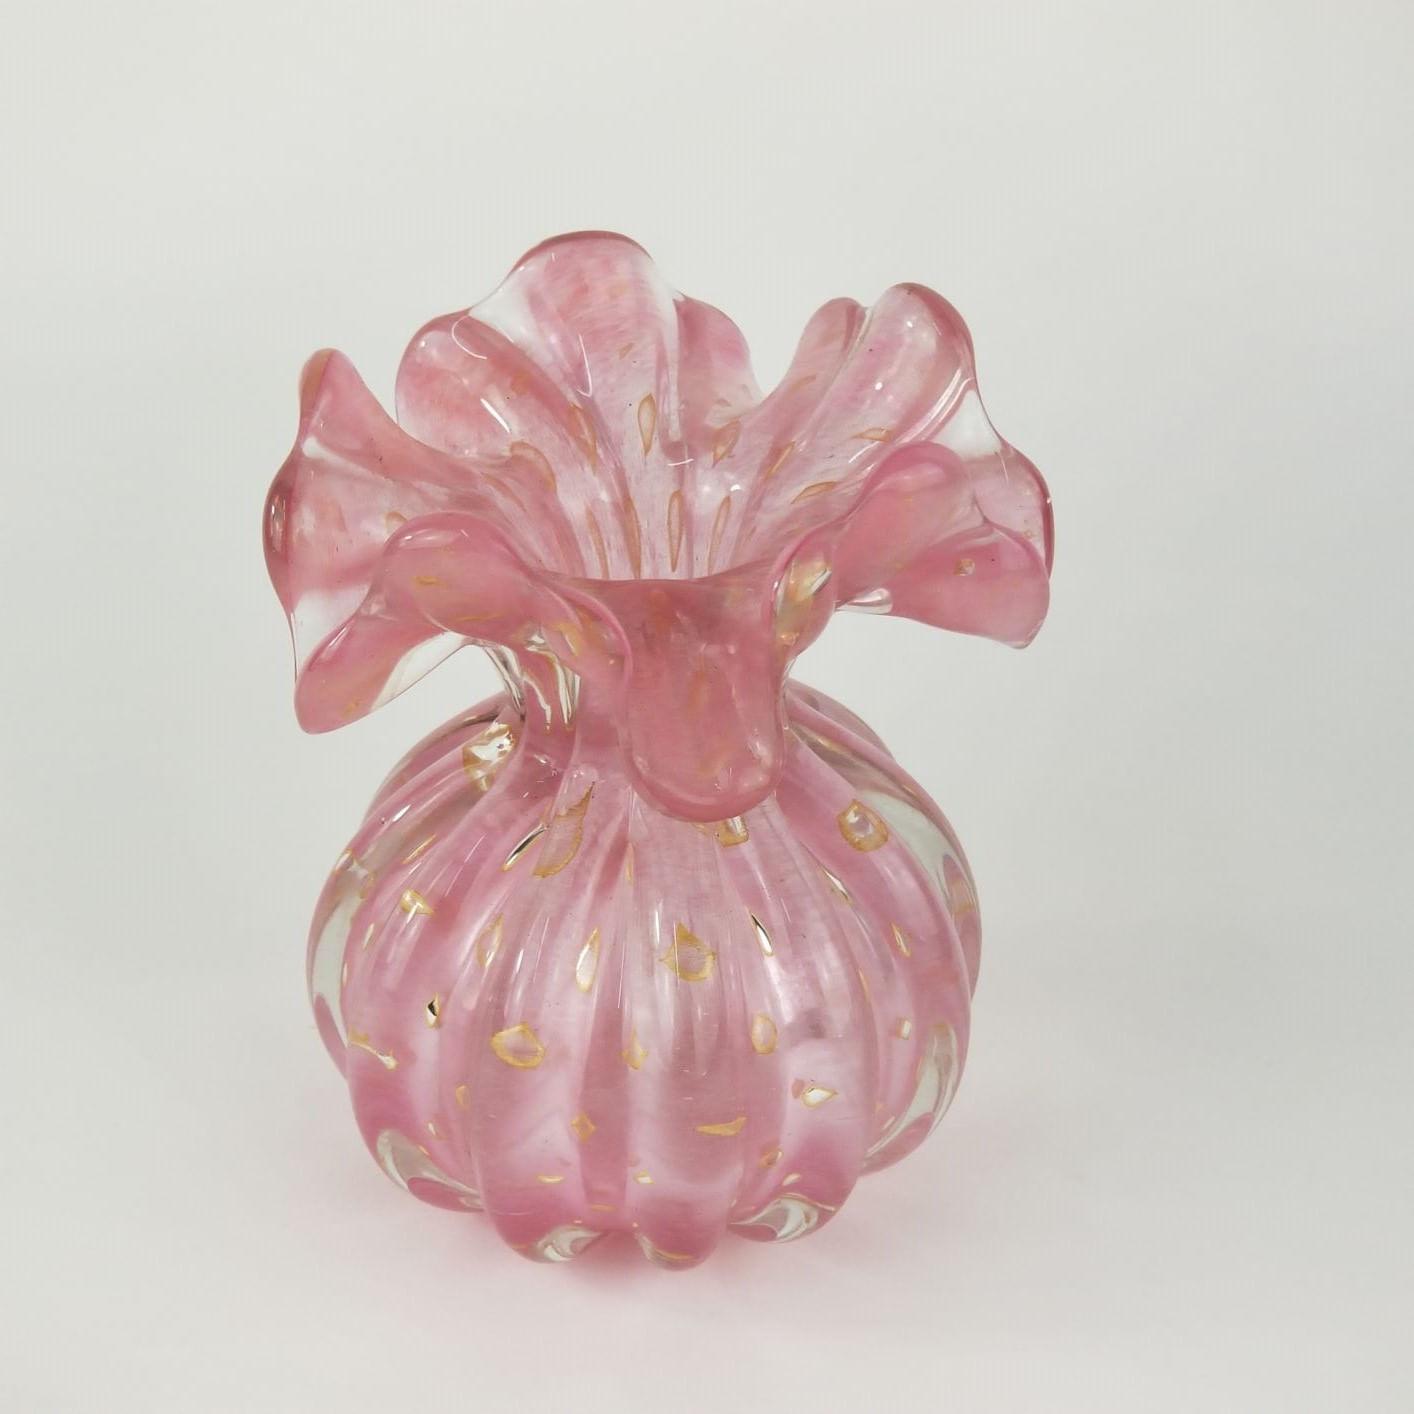 Trouxinha de Murano Pequena Pink Opalino Ouro 24K - Muranese